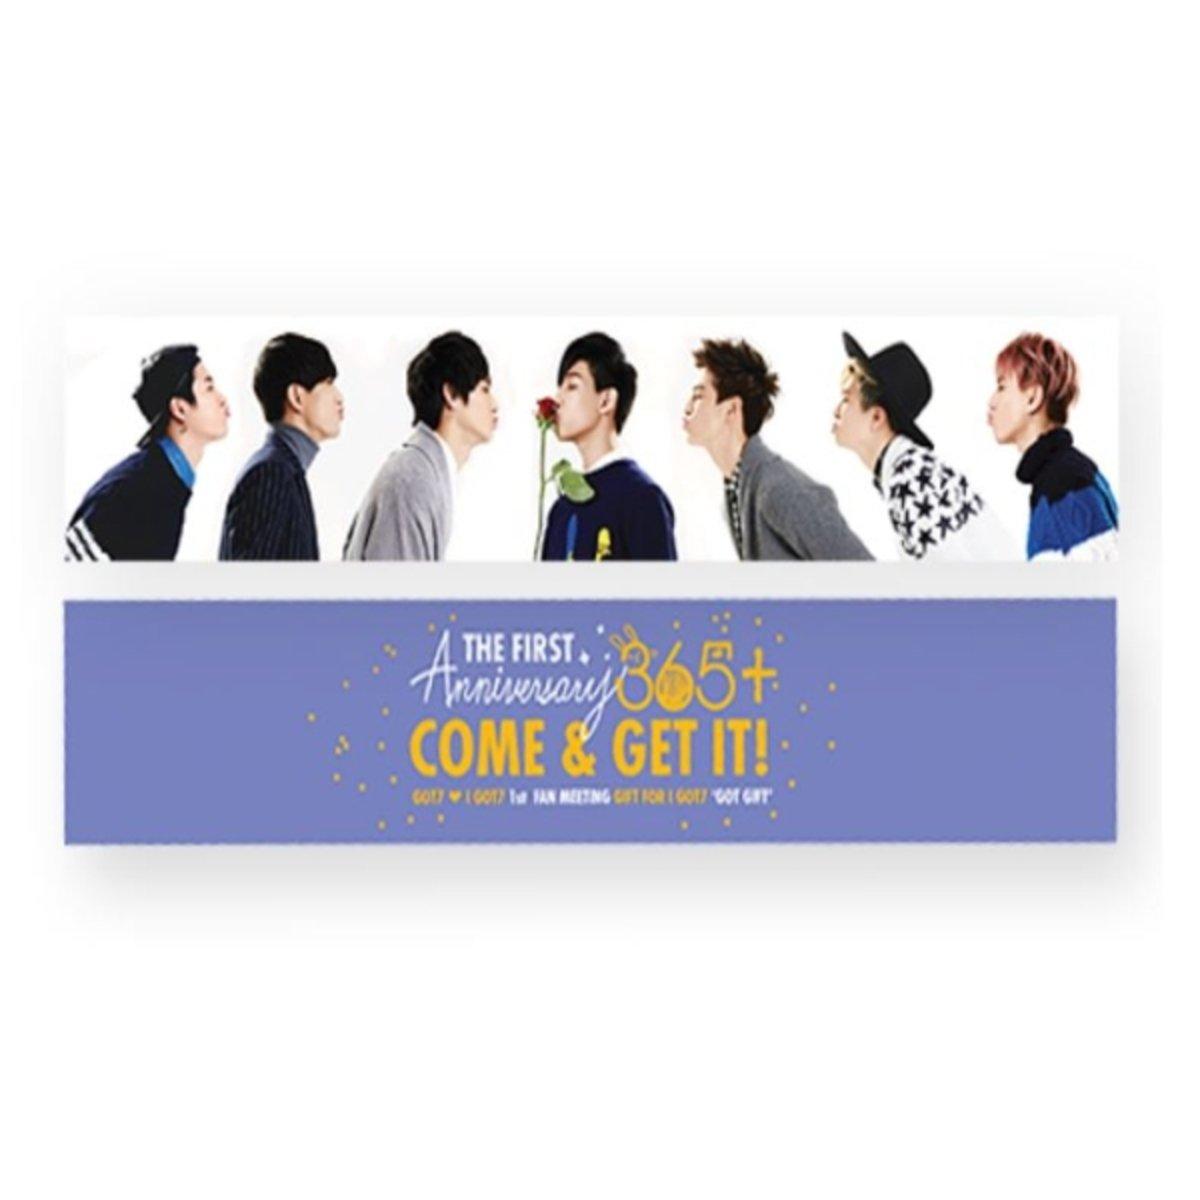 GOT7 - GOT GIFT 應援巾-1st FAN MEETING GOODS 365+_GD00016517